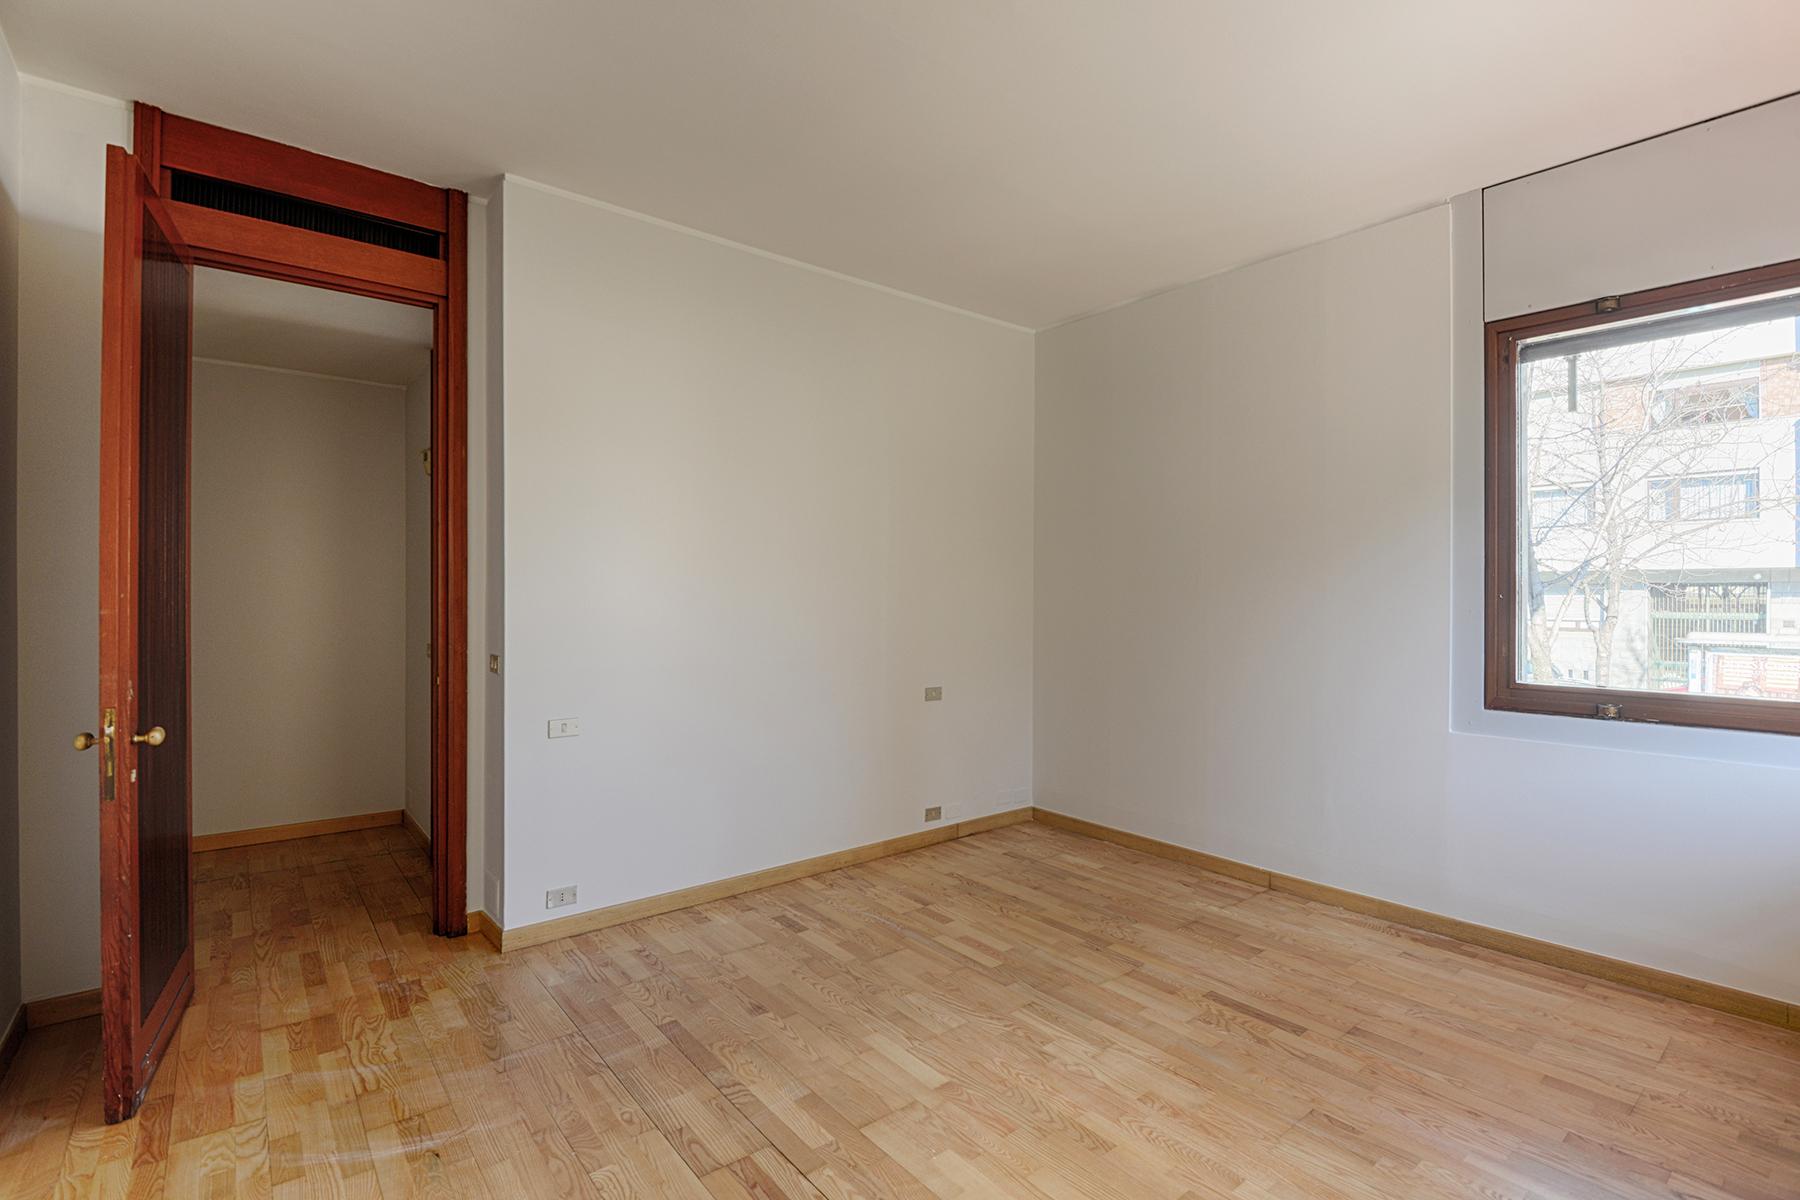 Appartamento in Vendita a Torino: 5 locali, 221 mq - Foto 4